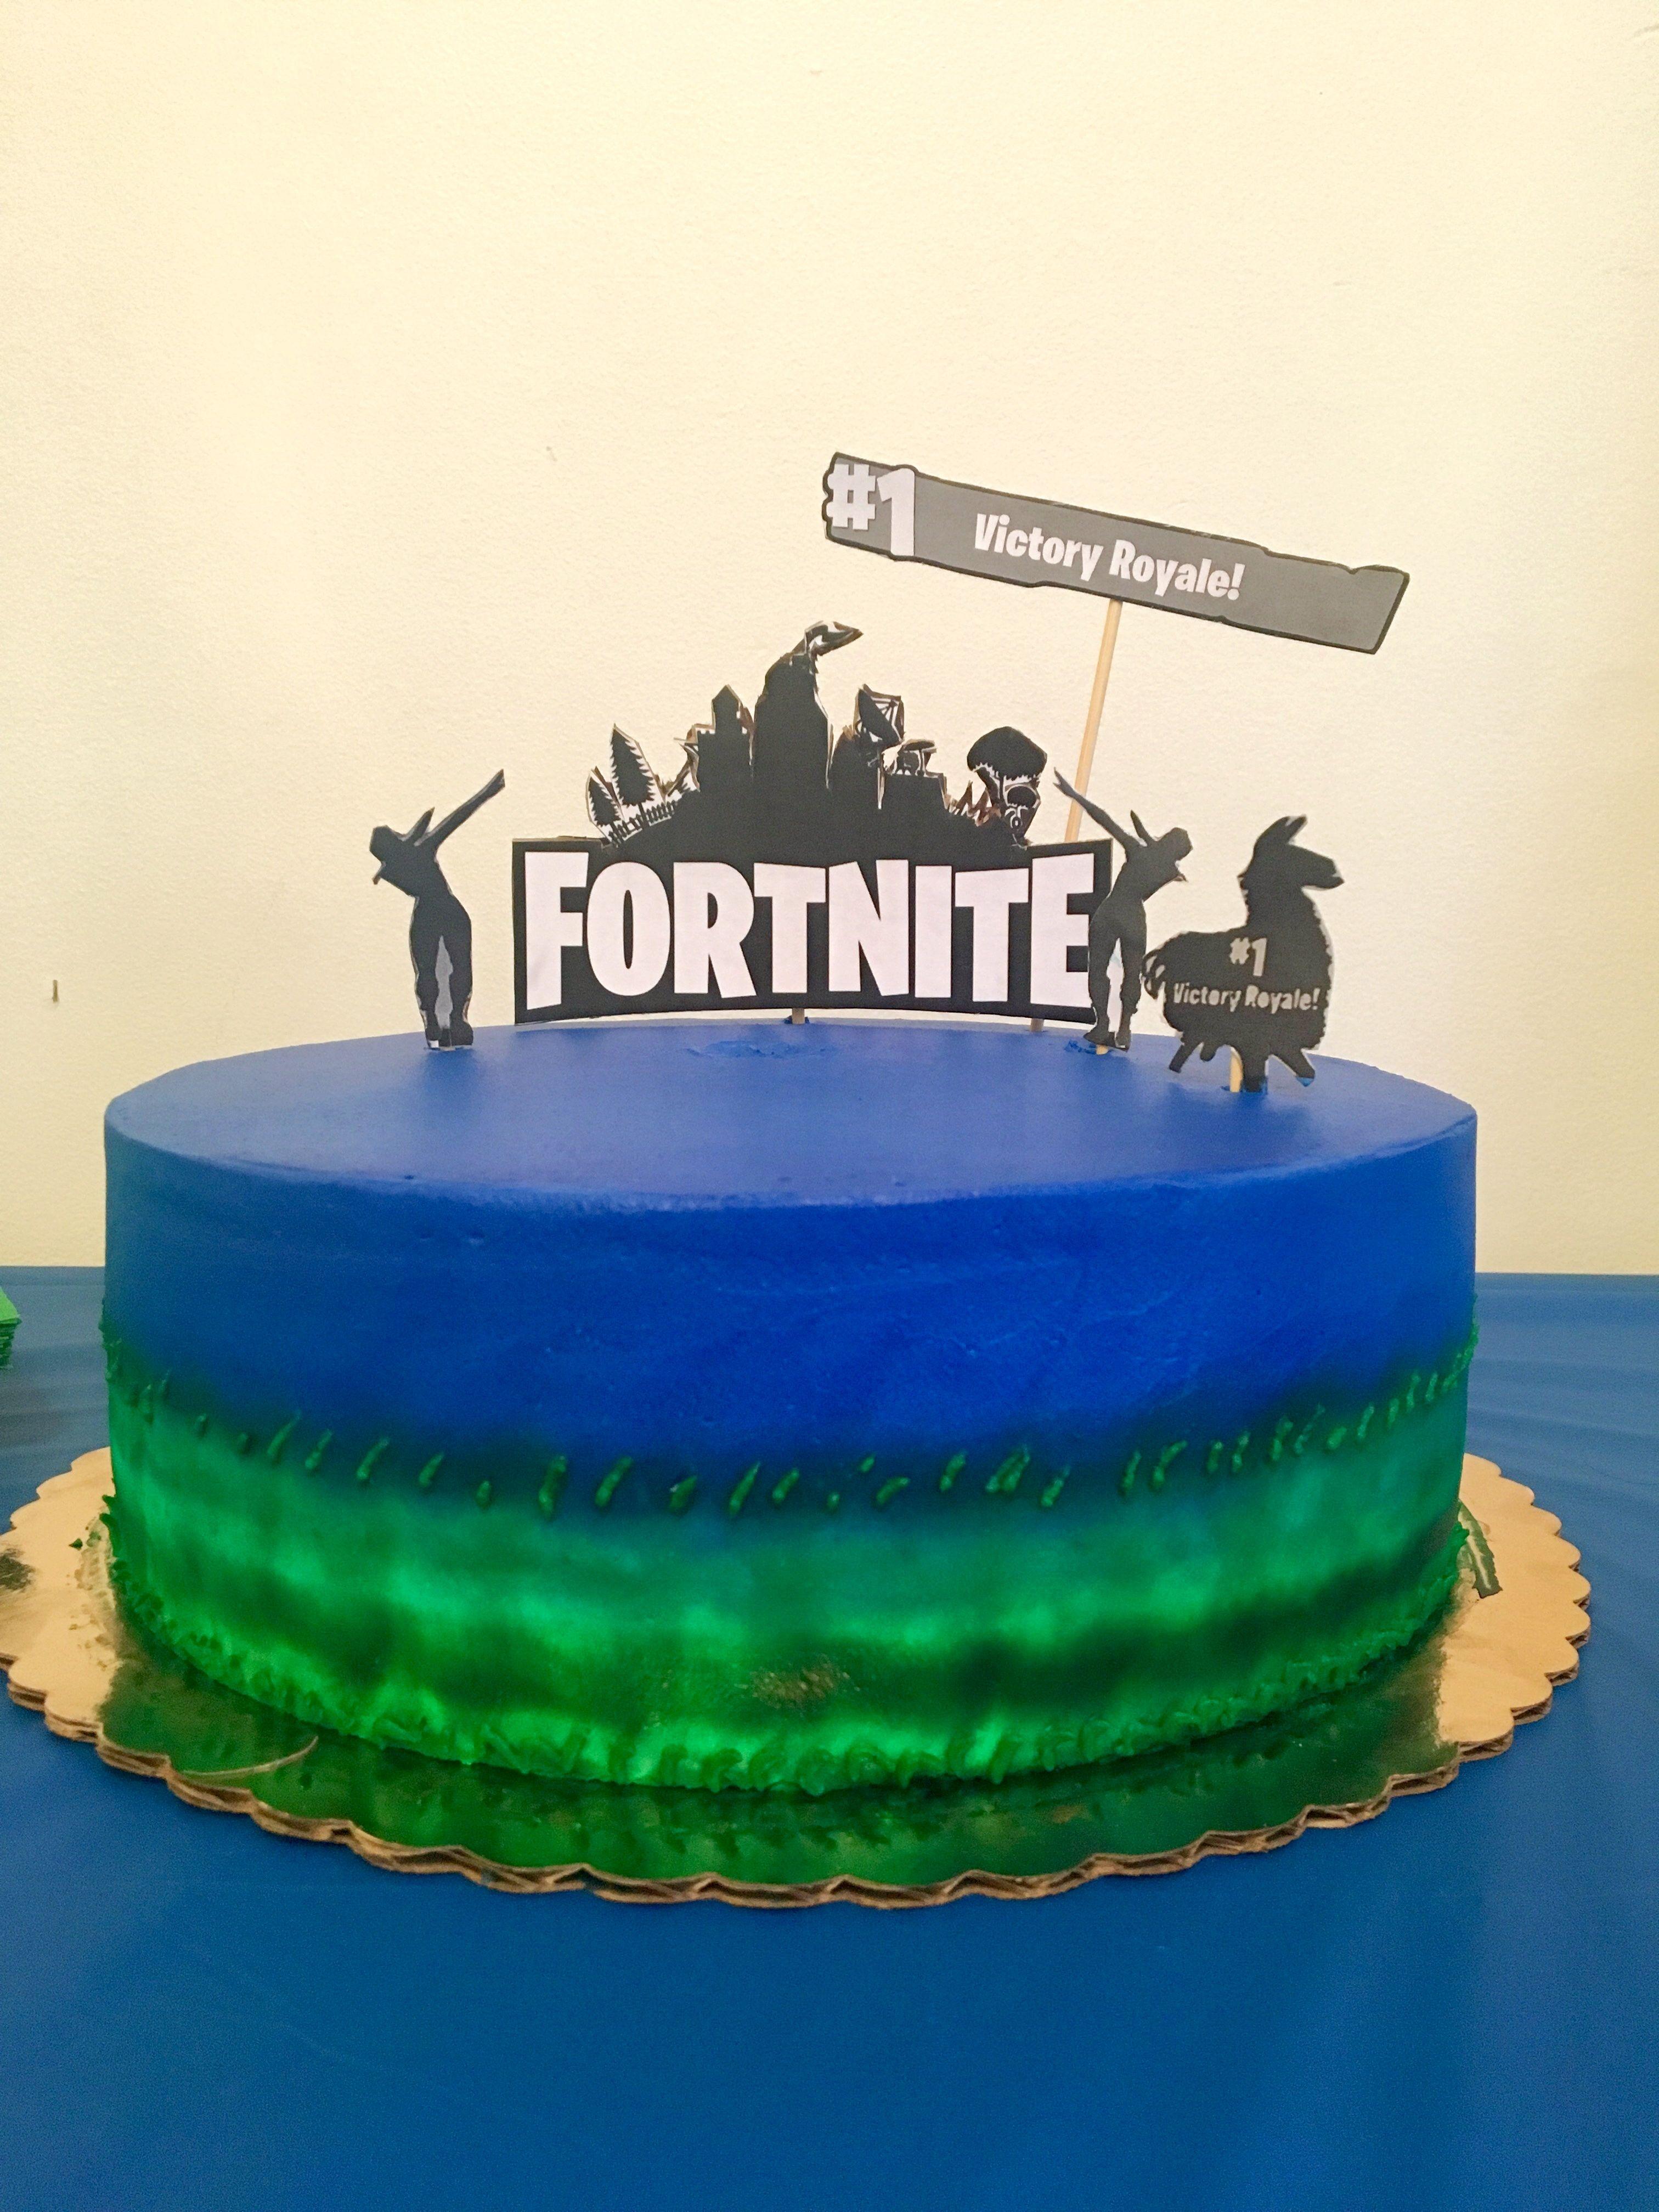 Fortnite birthday cake Birthday party cake, Birthday